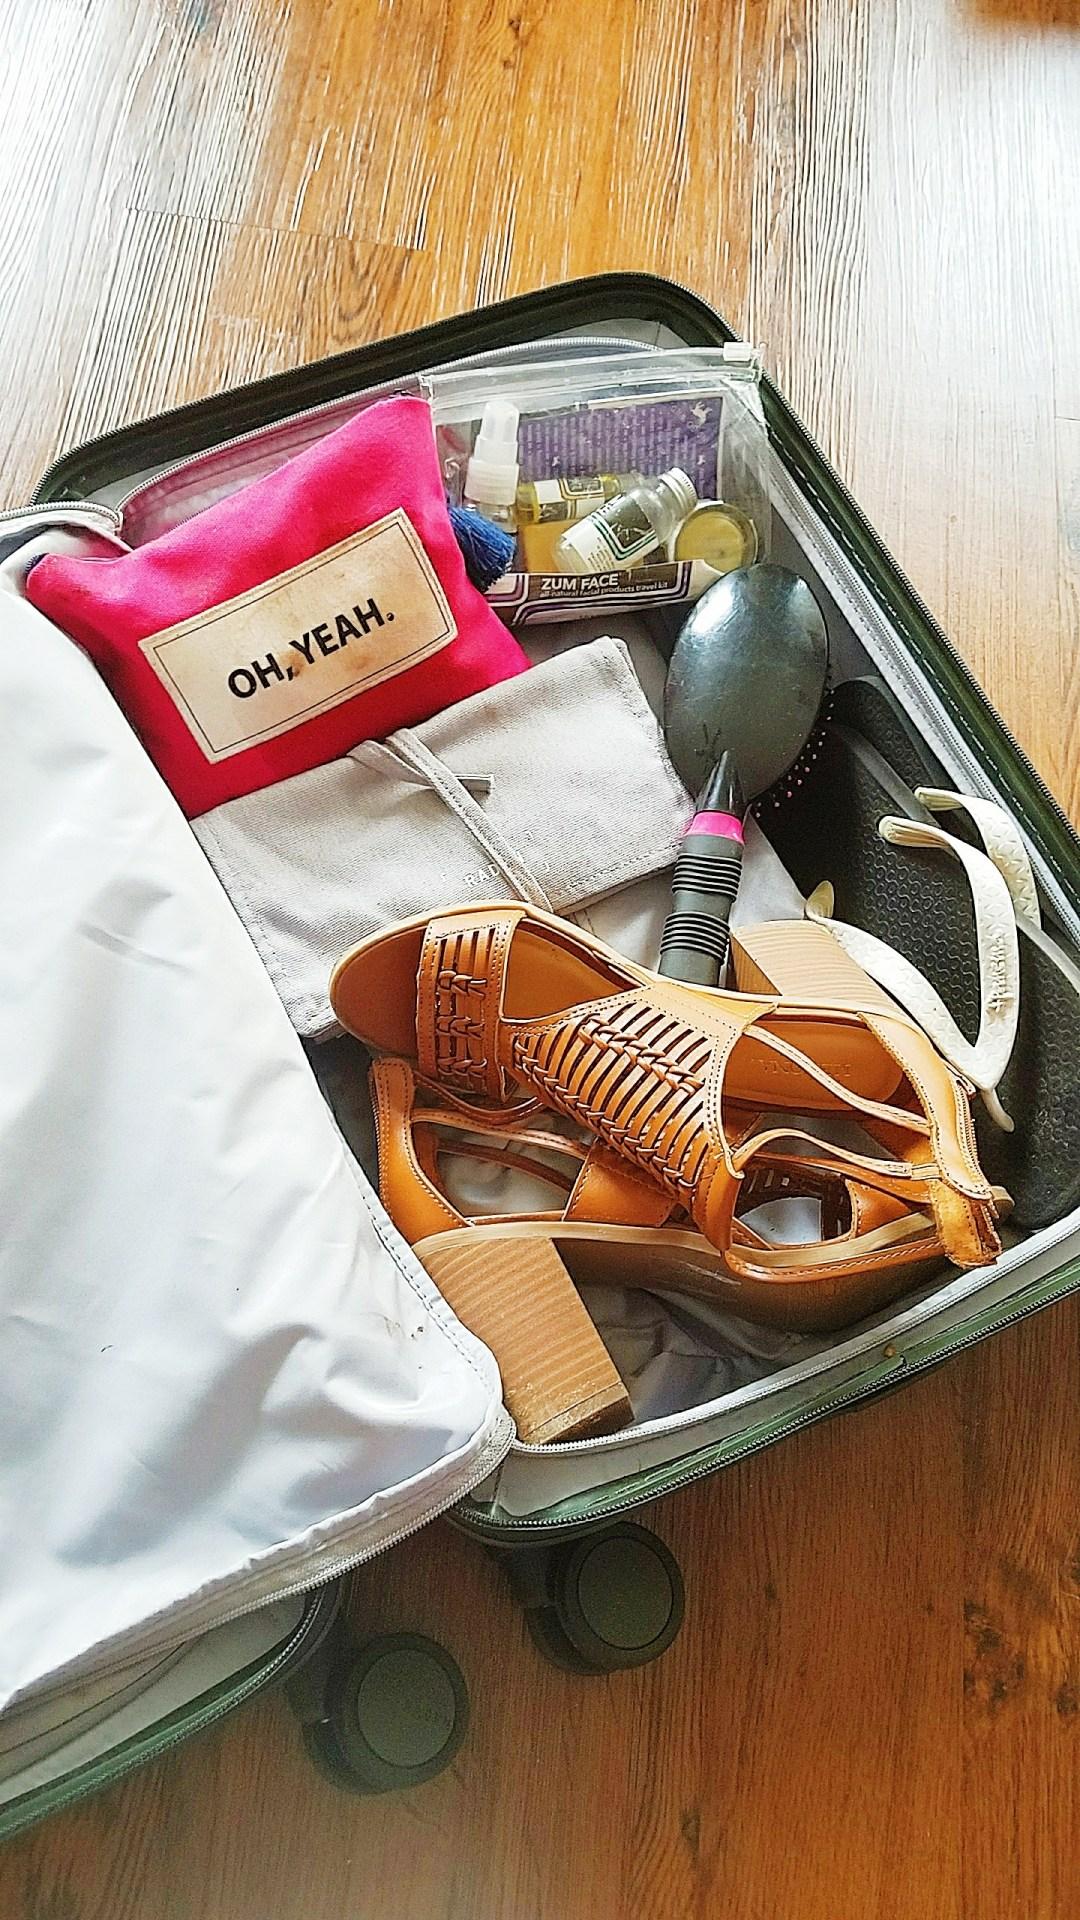 Like a packing boss!